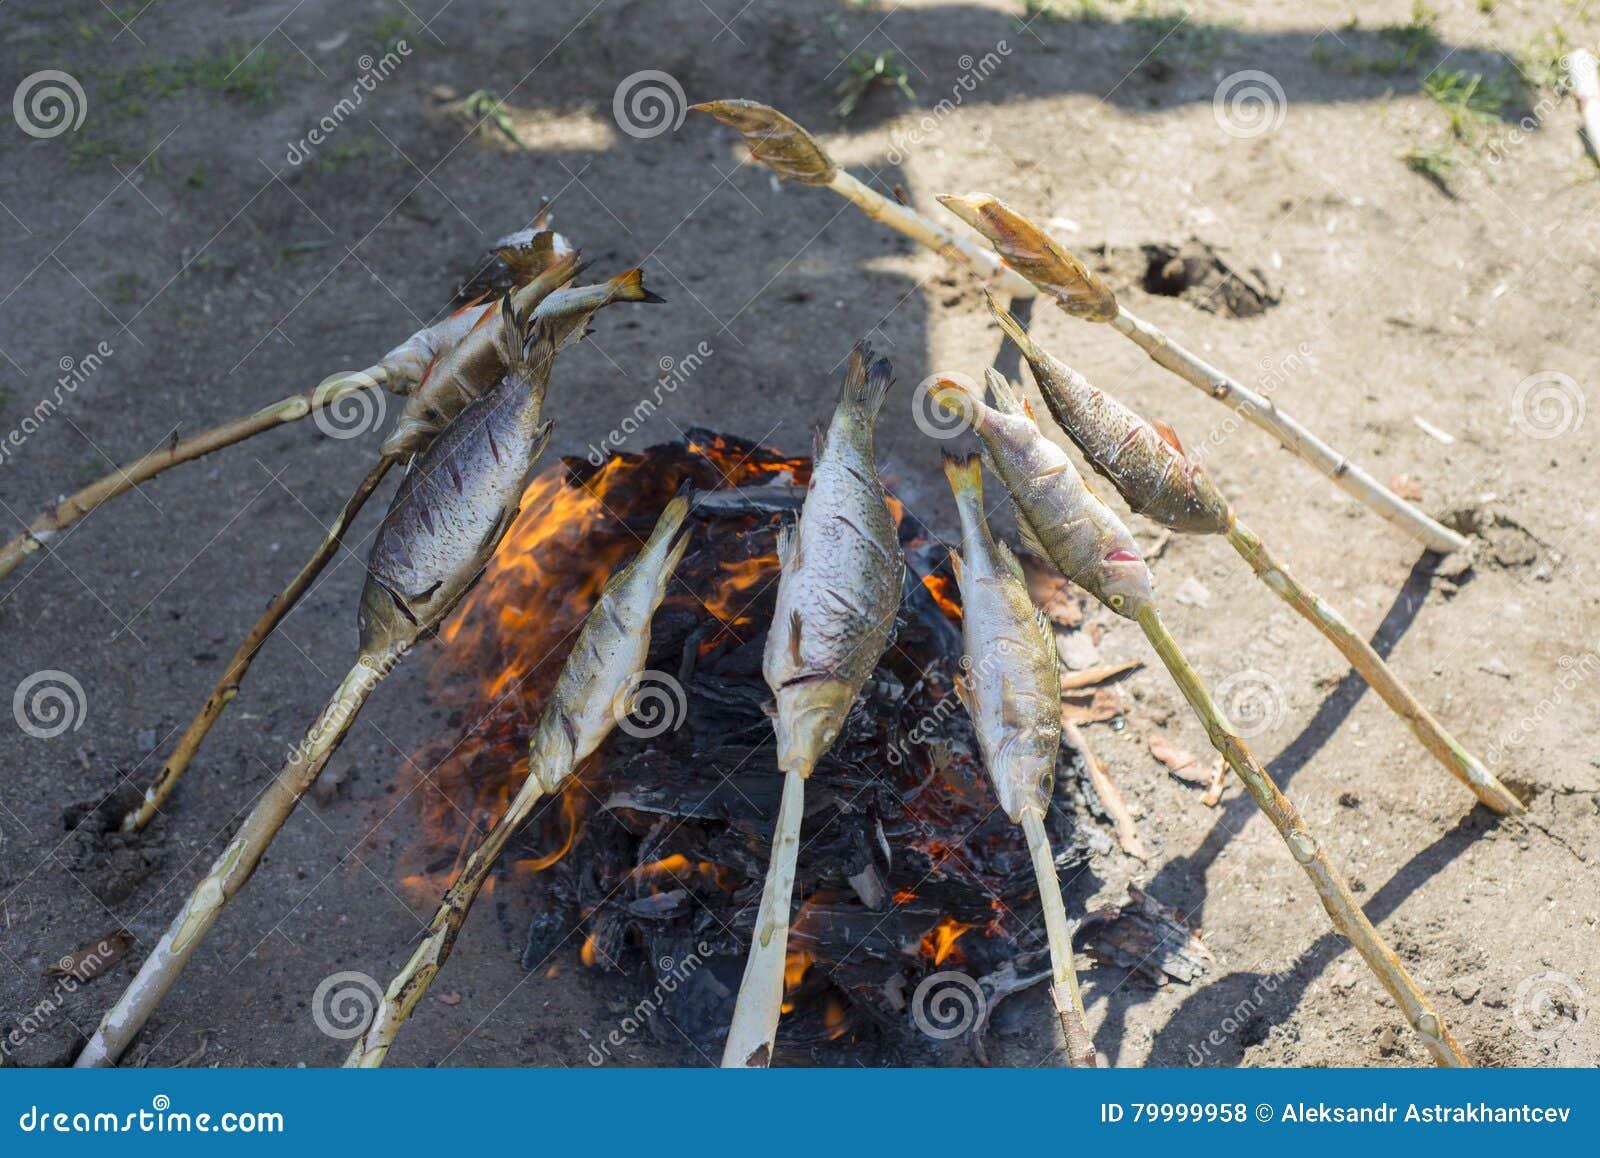 Baikal wordt omul geroosterd op de steenkolen